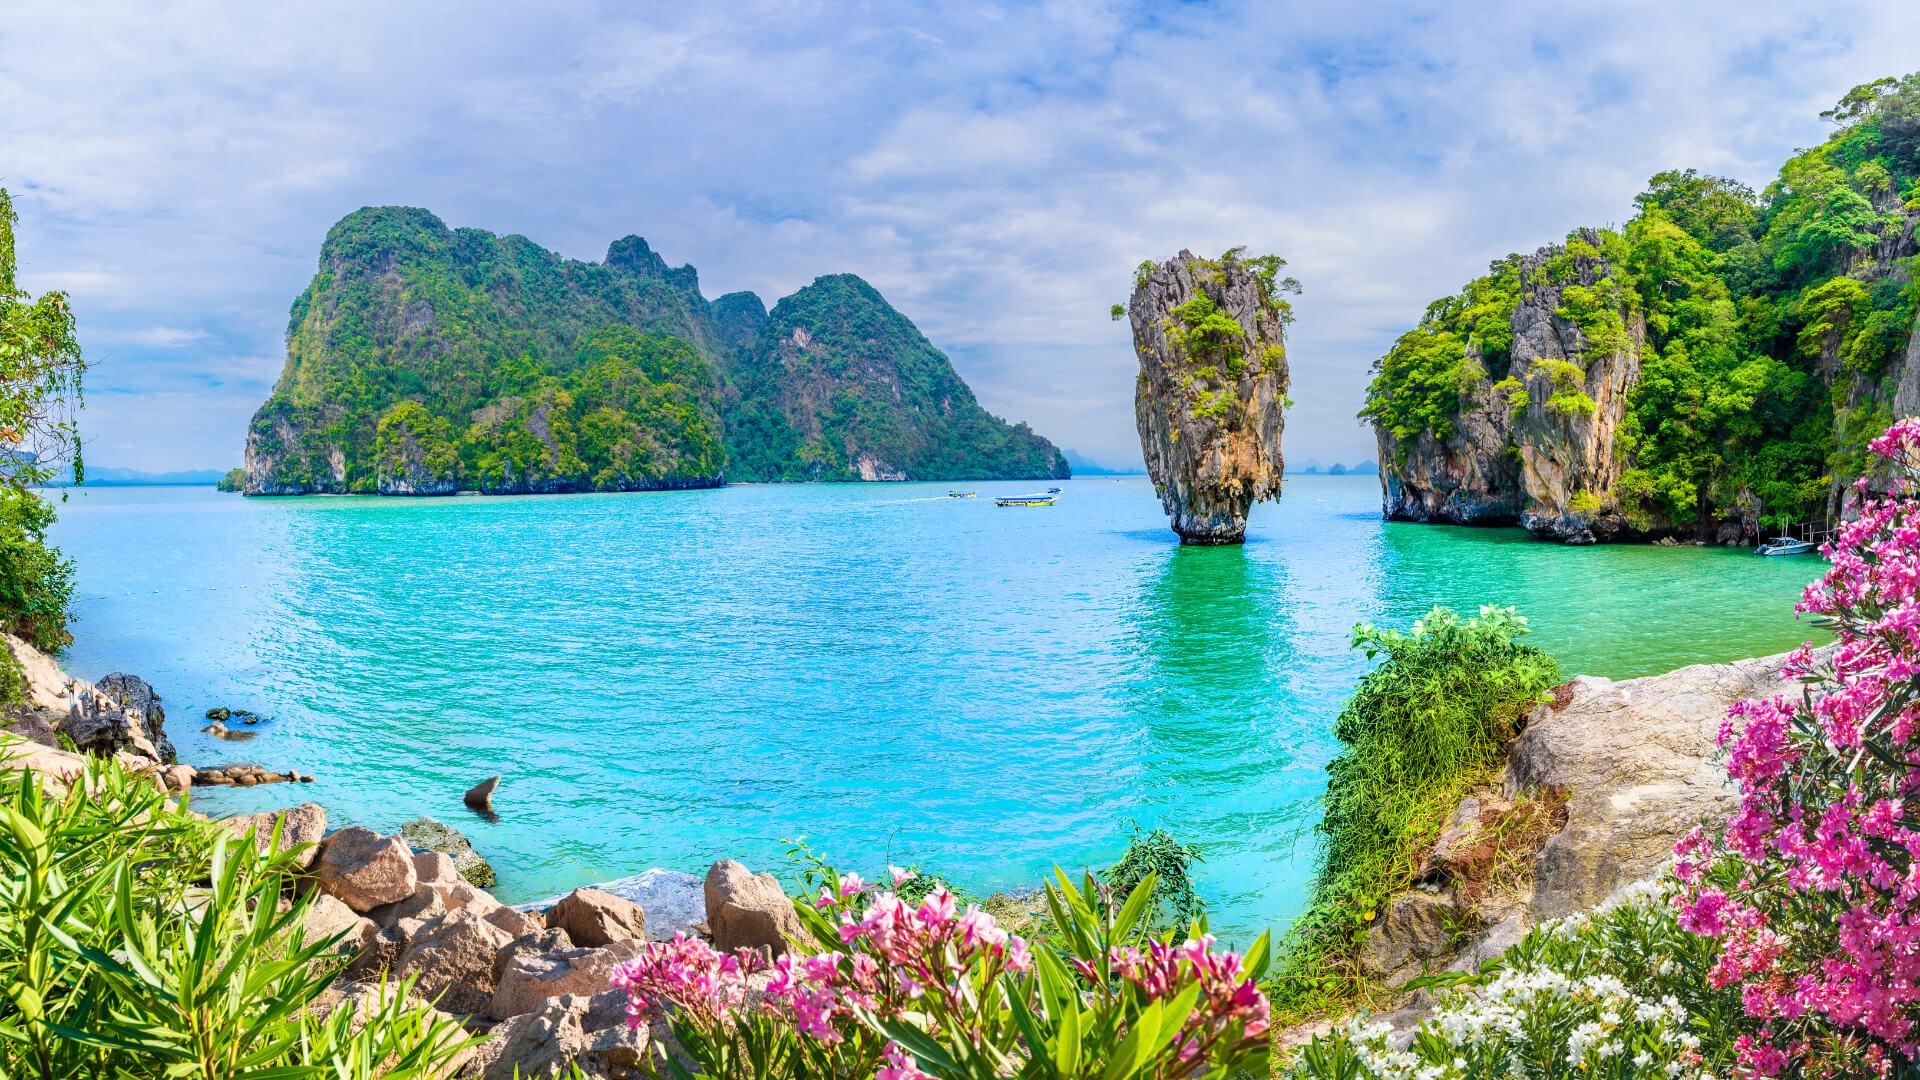 Balayı için Yurt Dışı Düşünüyorsan Phuket'e Bak Bence!